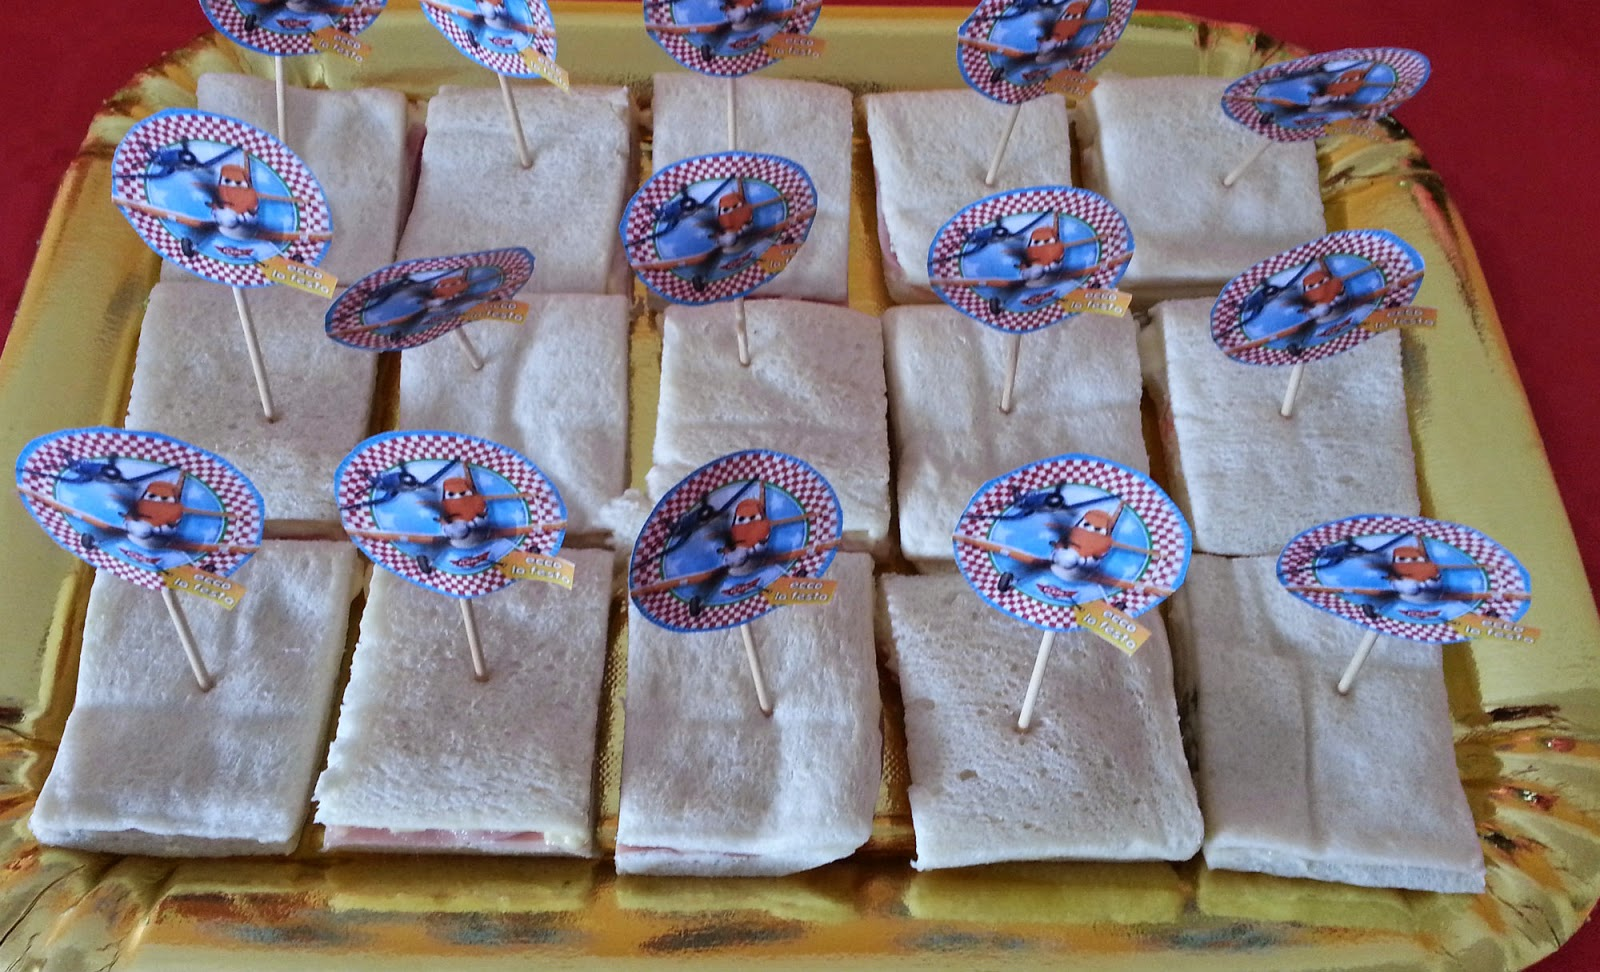 Pranzo Di Compleanno Per Bambini : Cannoli di pancarrè ripieni ricetta per bambini